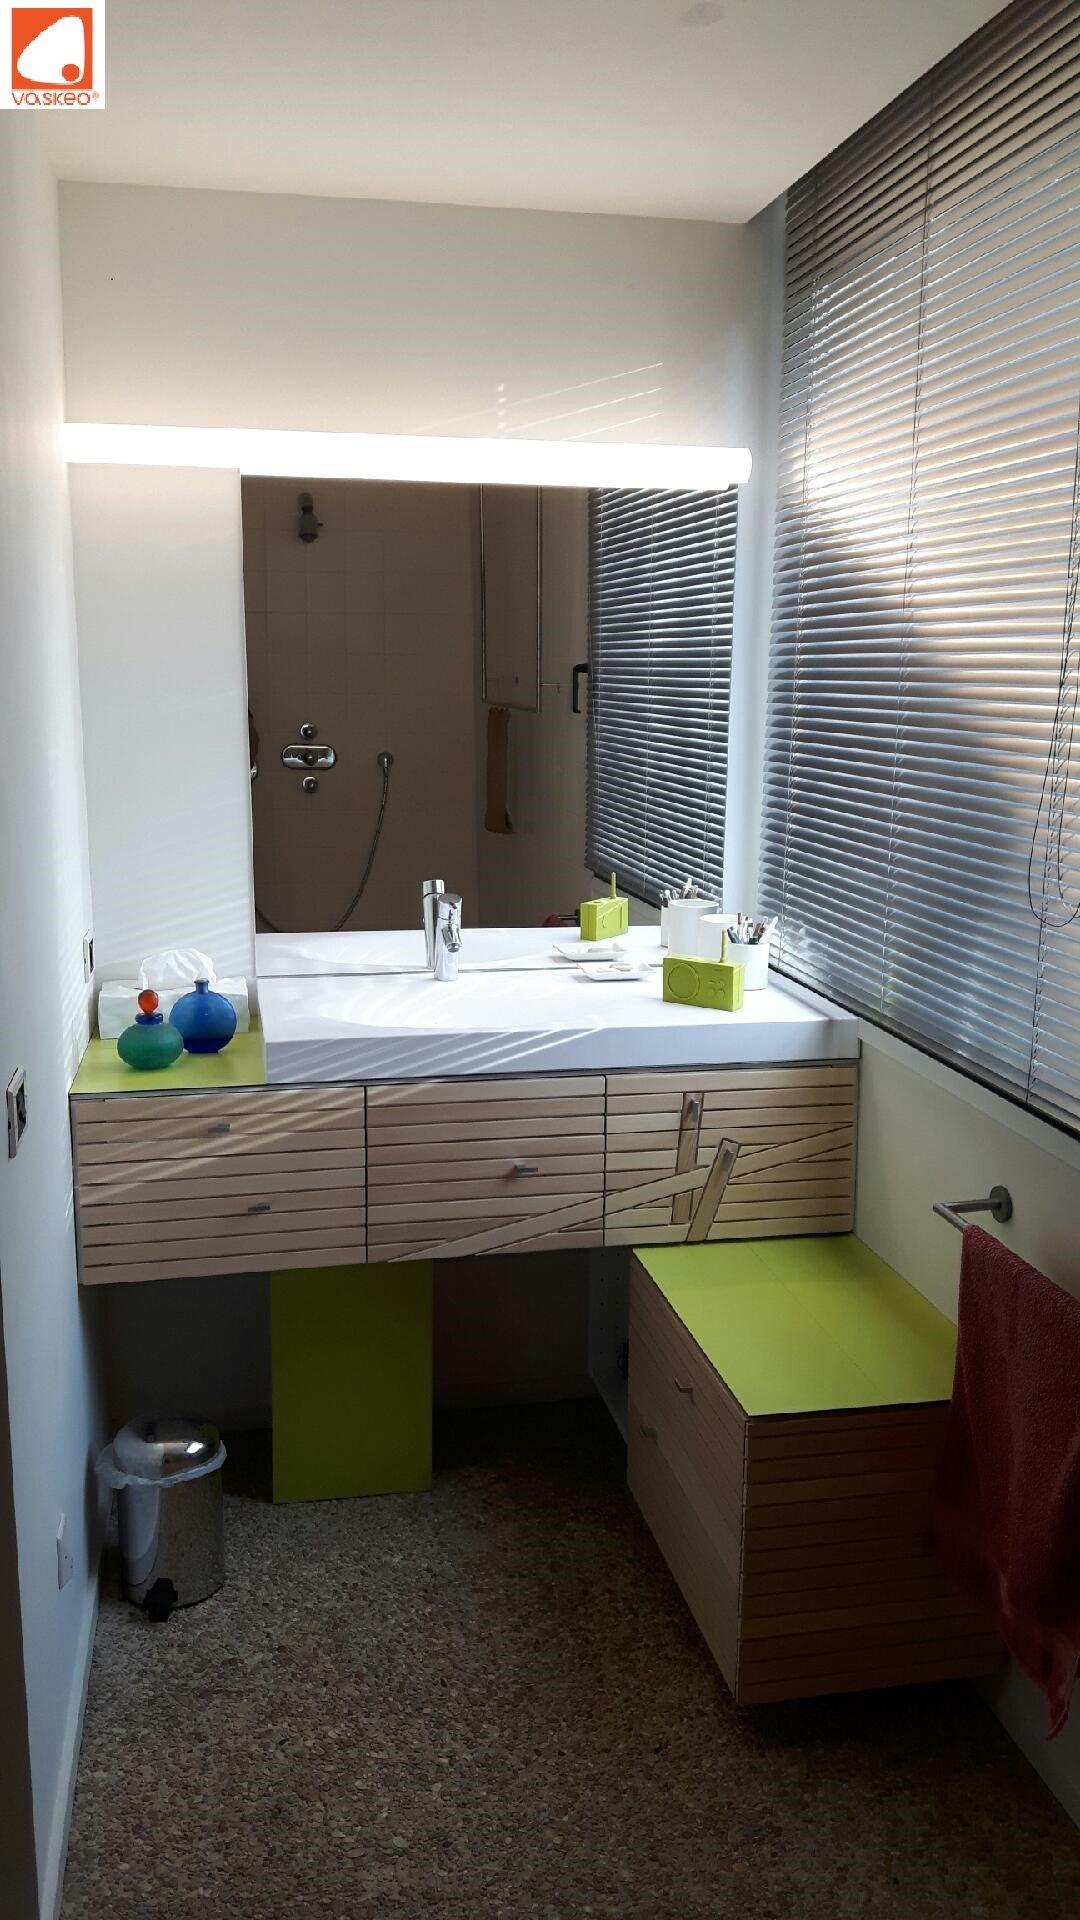 Plan Simple Vasque Decentree Avec Plan De Travail A Poser Sur Meuble Lavabo Sink Washbasin Plan Vasque Simple V Salle De Bain Design Salle De Bain Lavabo